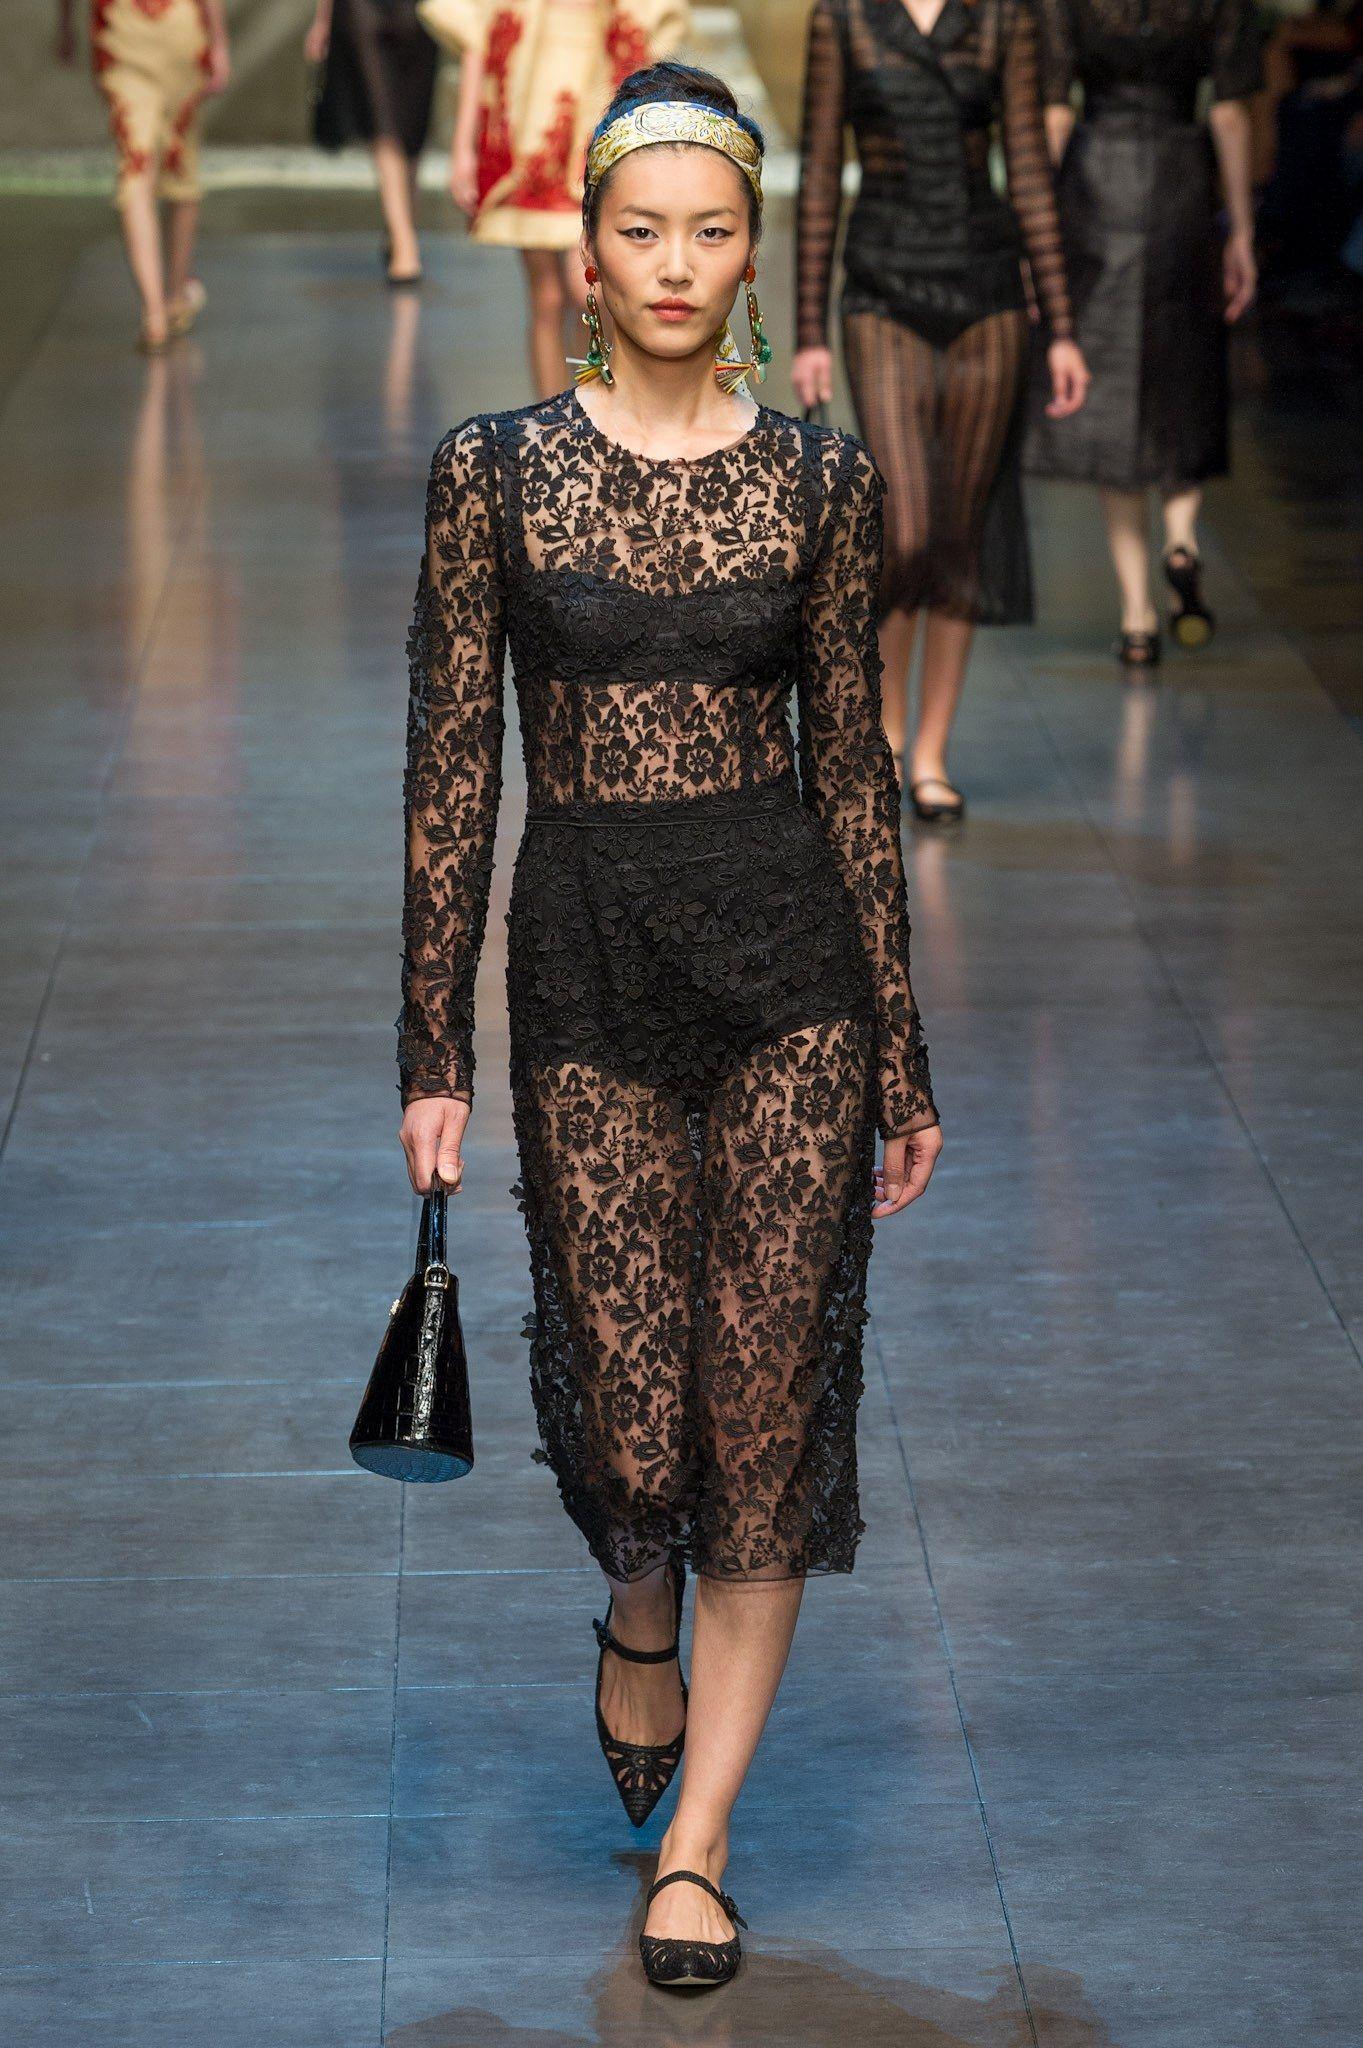 Dolce & Gabbana Spring 2013 Ready-to-Wear Fashion Show - Liu Wen